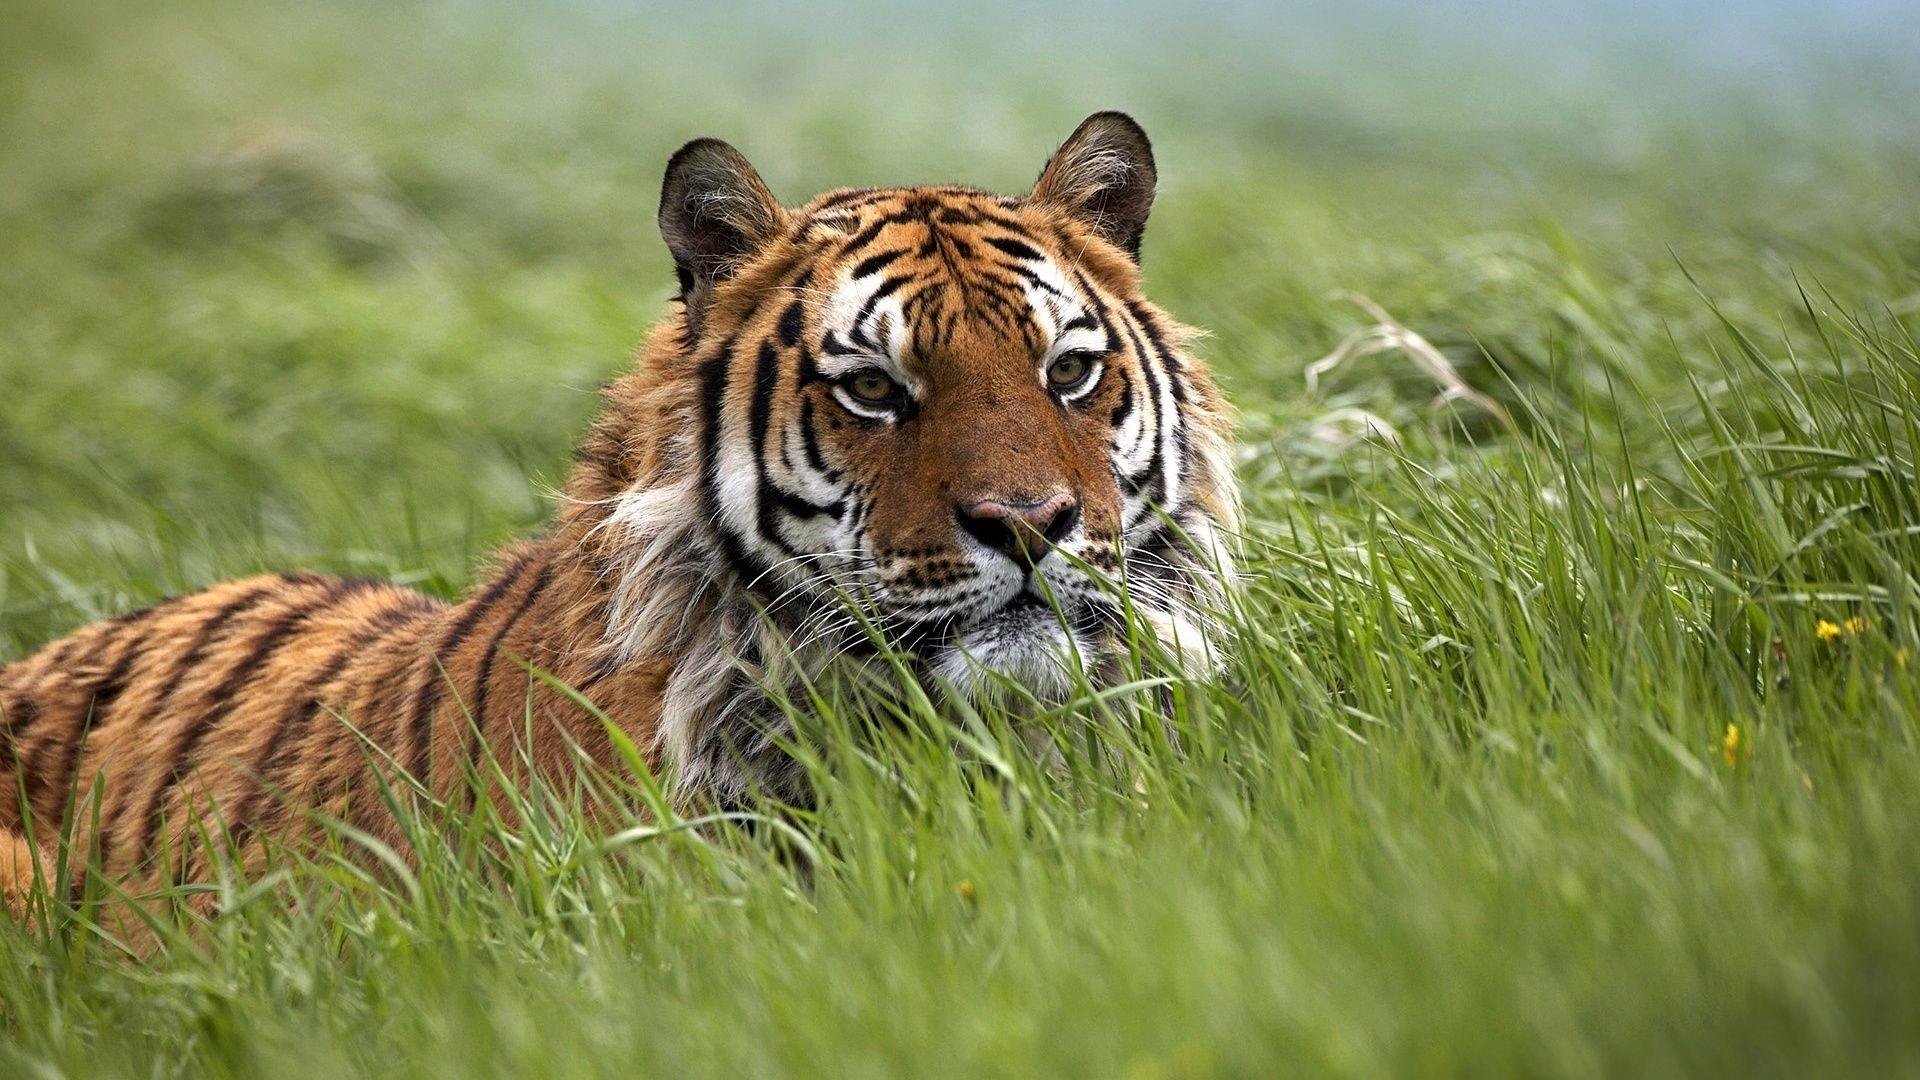 Bengal, Tiger, Grass, Wild, Bigcat